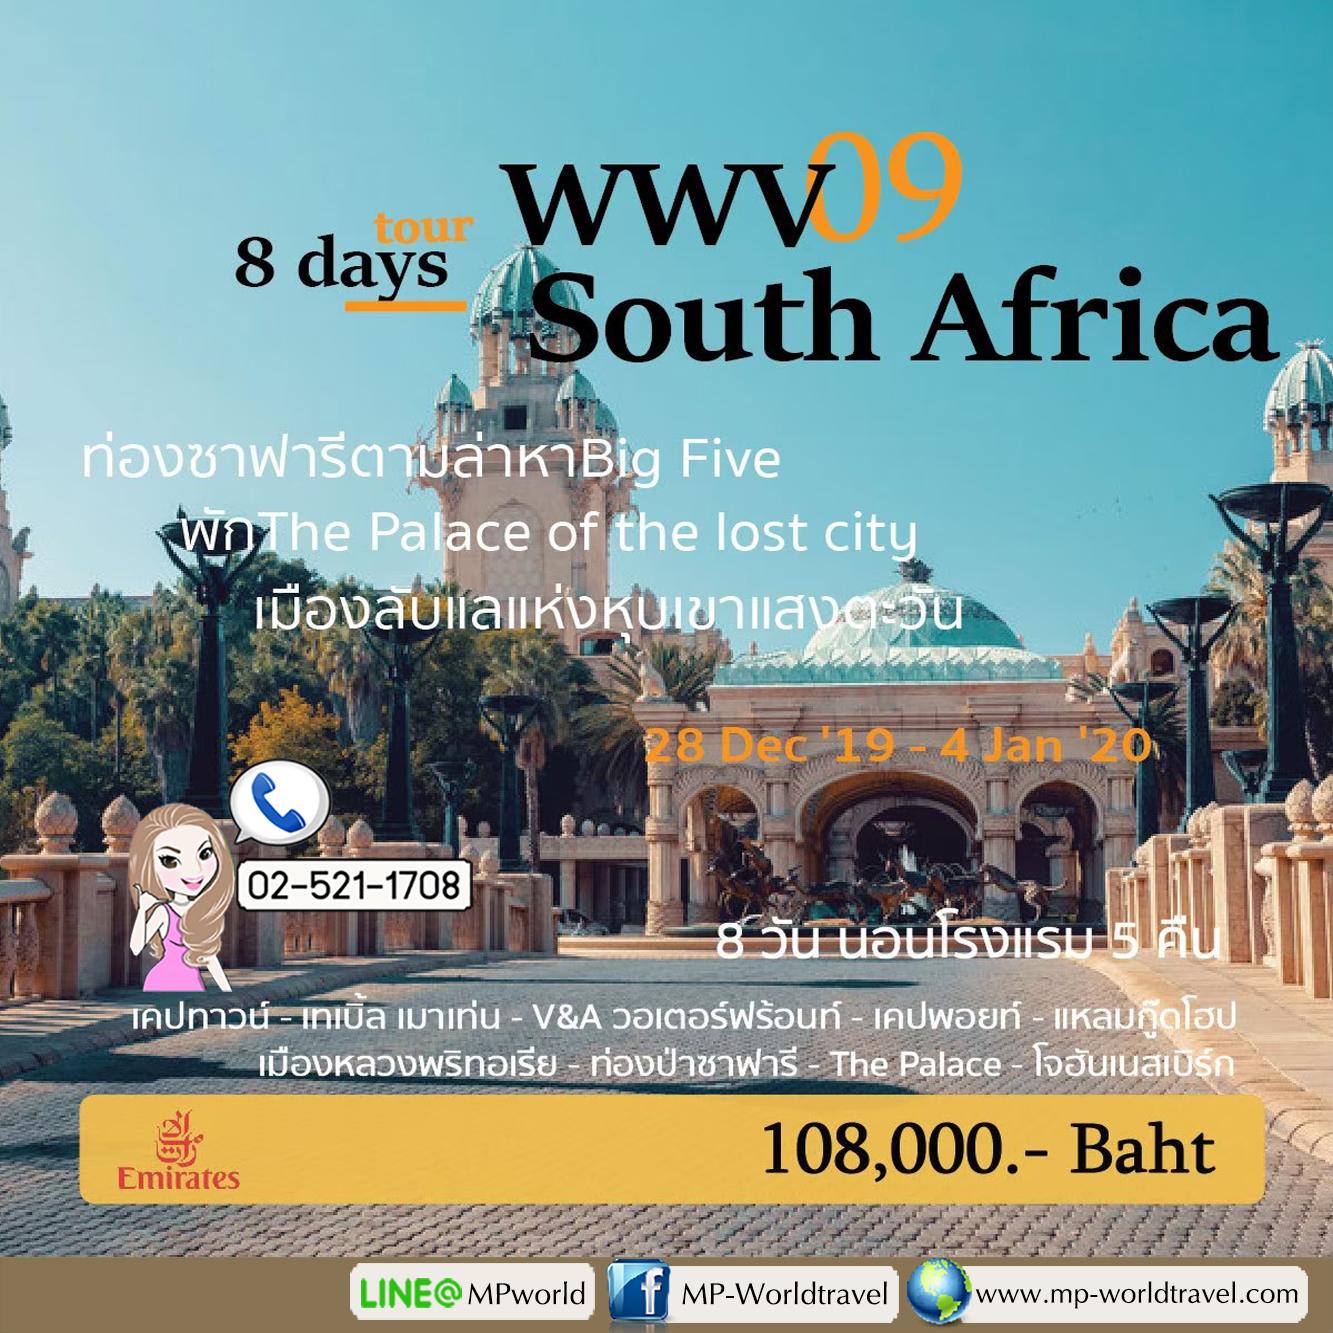 ทัวร์แอฟริกาใต้ WWV09 South Africa 8D 5N BY EK